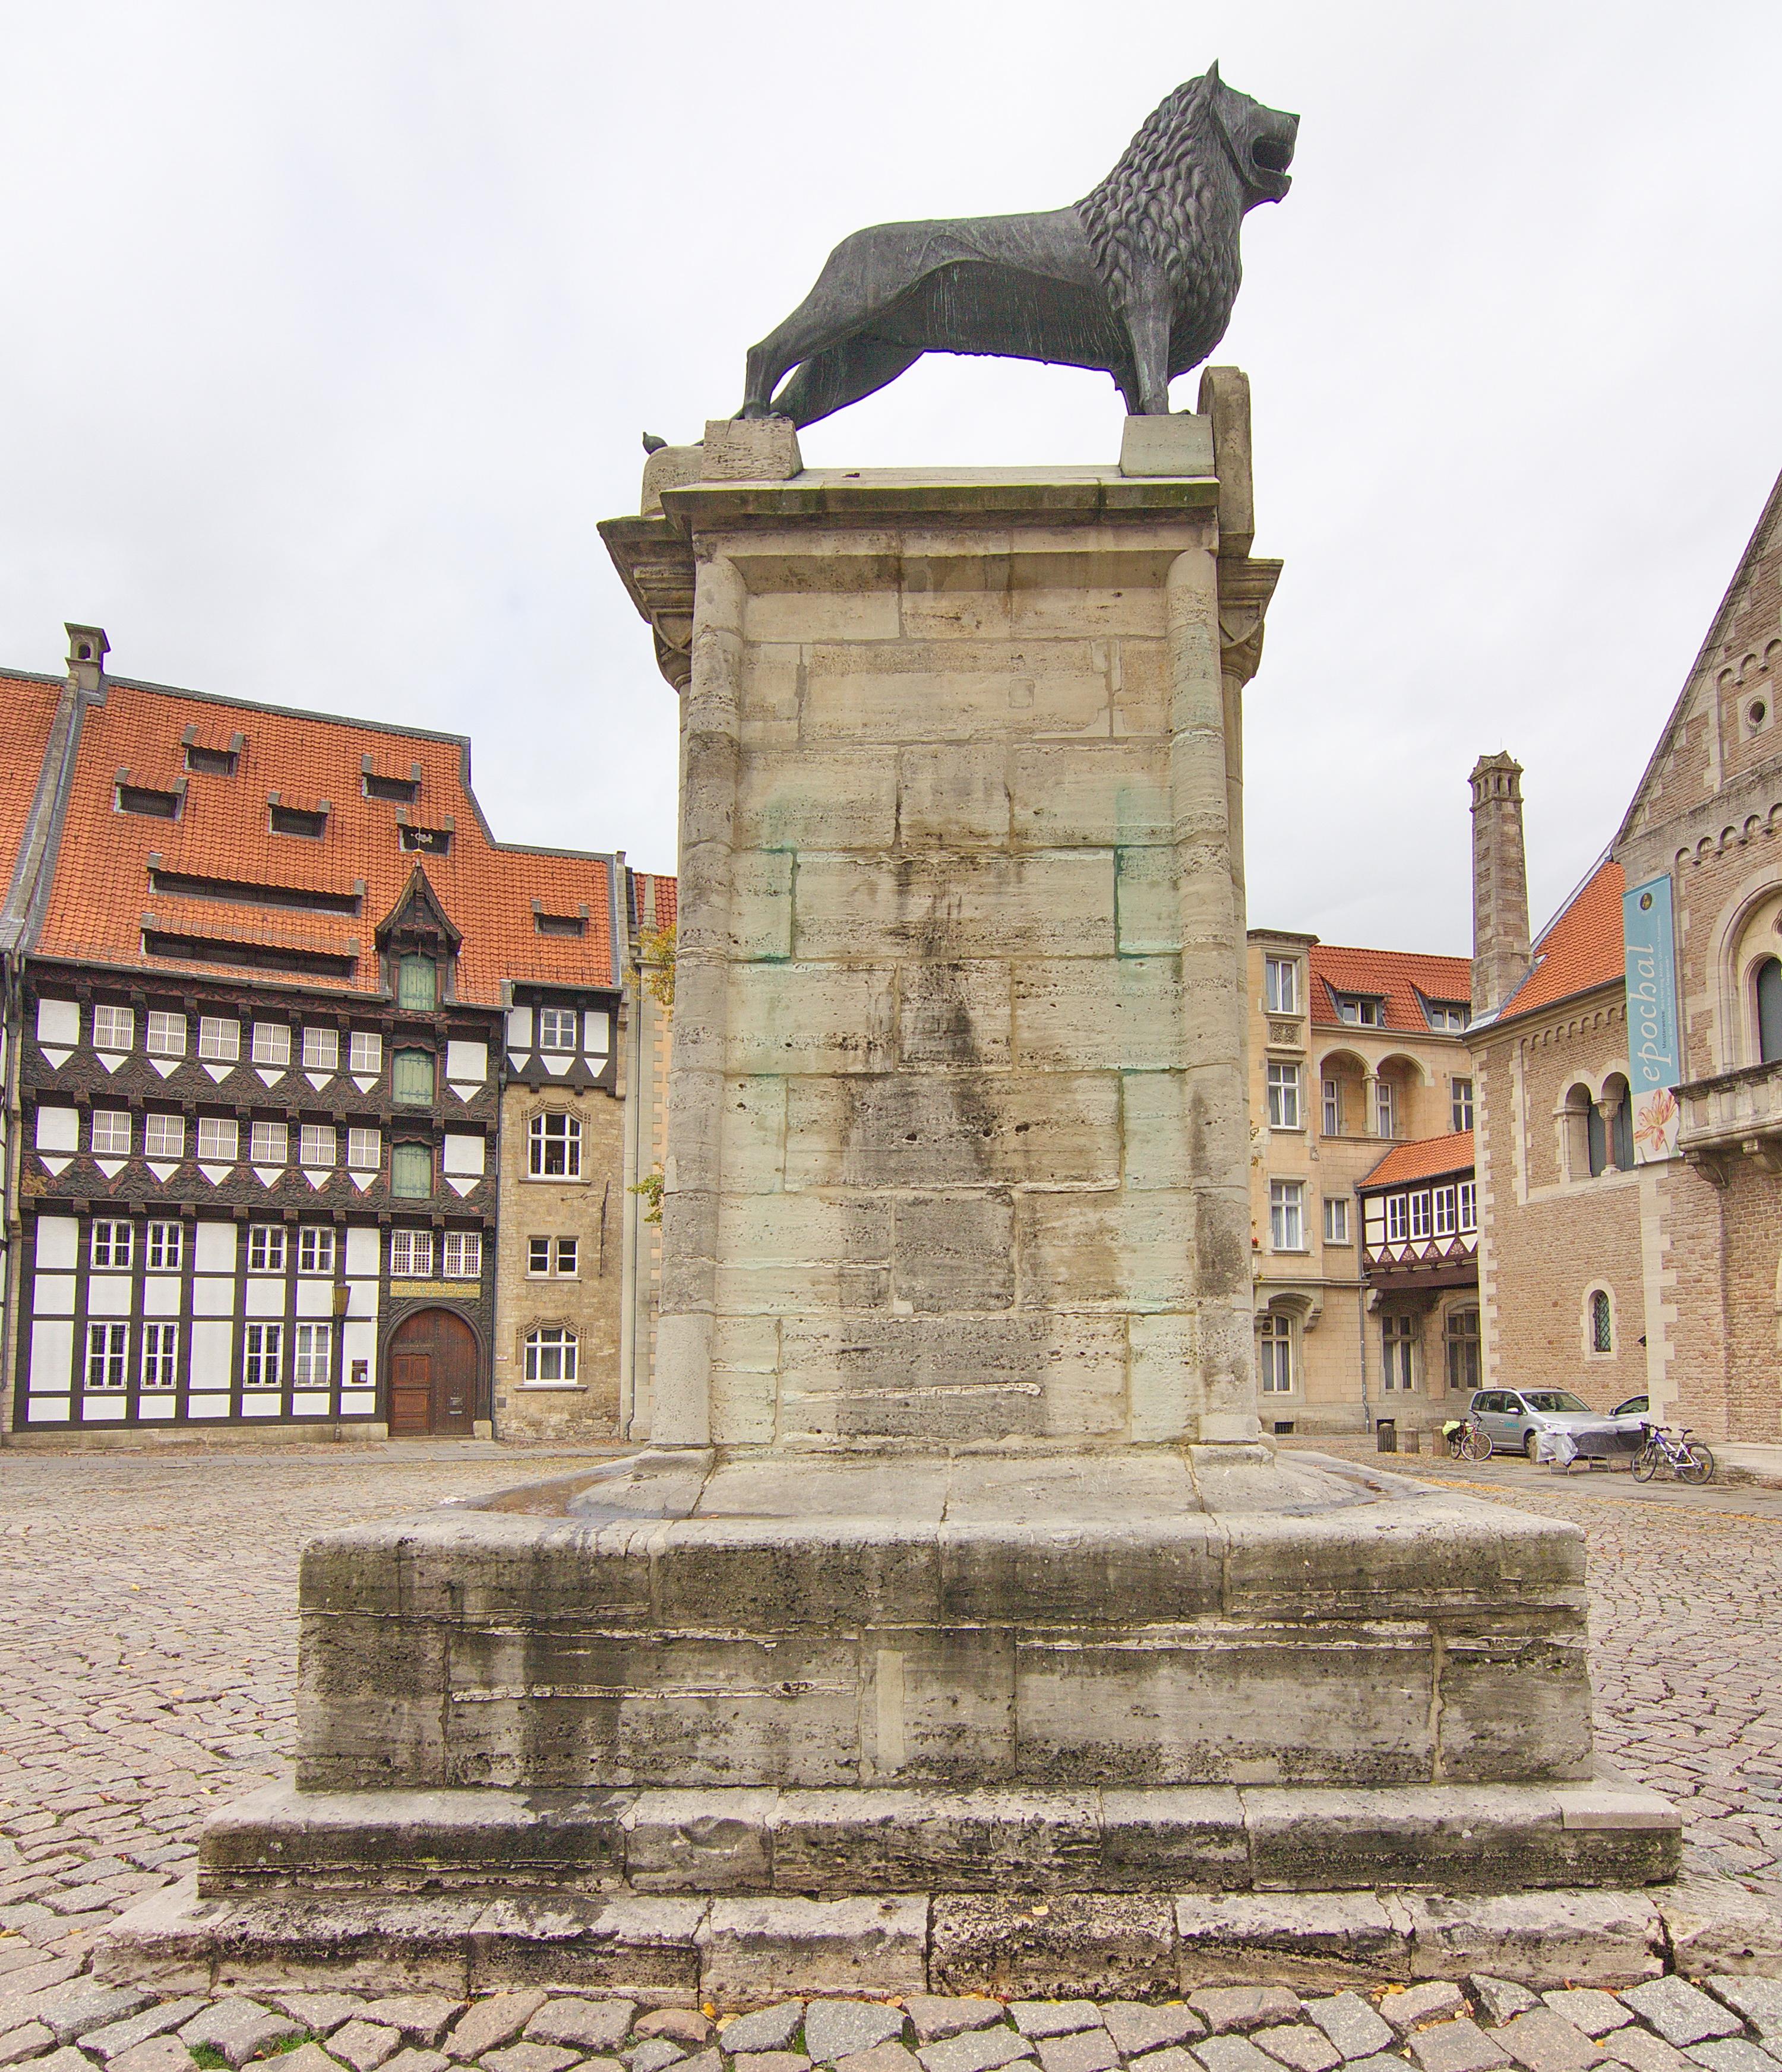 File:Braunschweiger Löwe am Burgplatz in Braunschweig IMG 2748.jpg